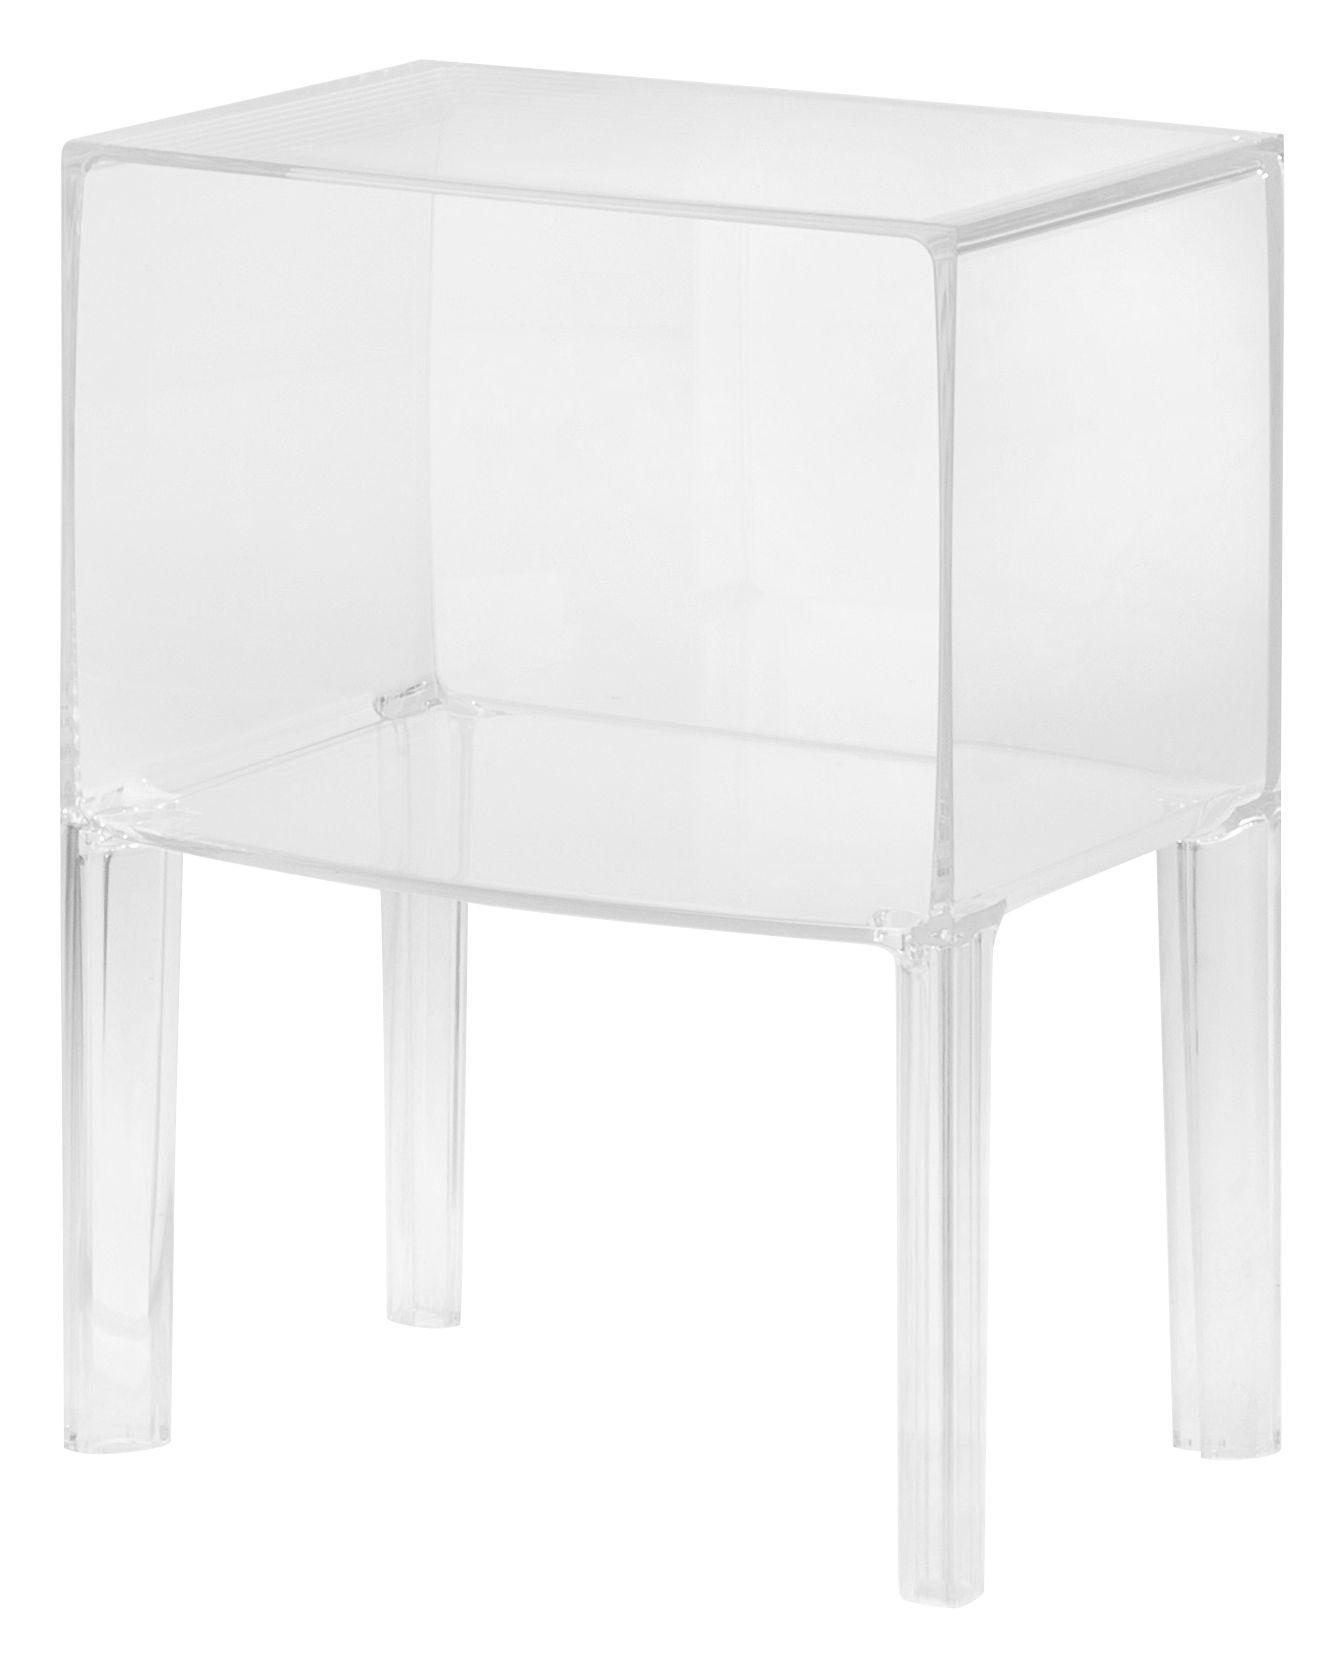 Table de chevet small ghost buster cristal kartell - Petite table de chevet ...